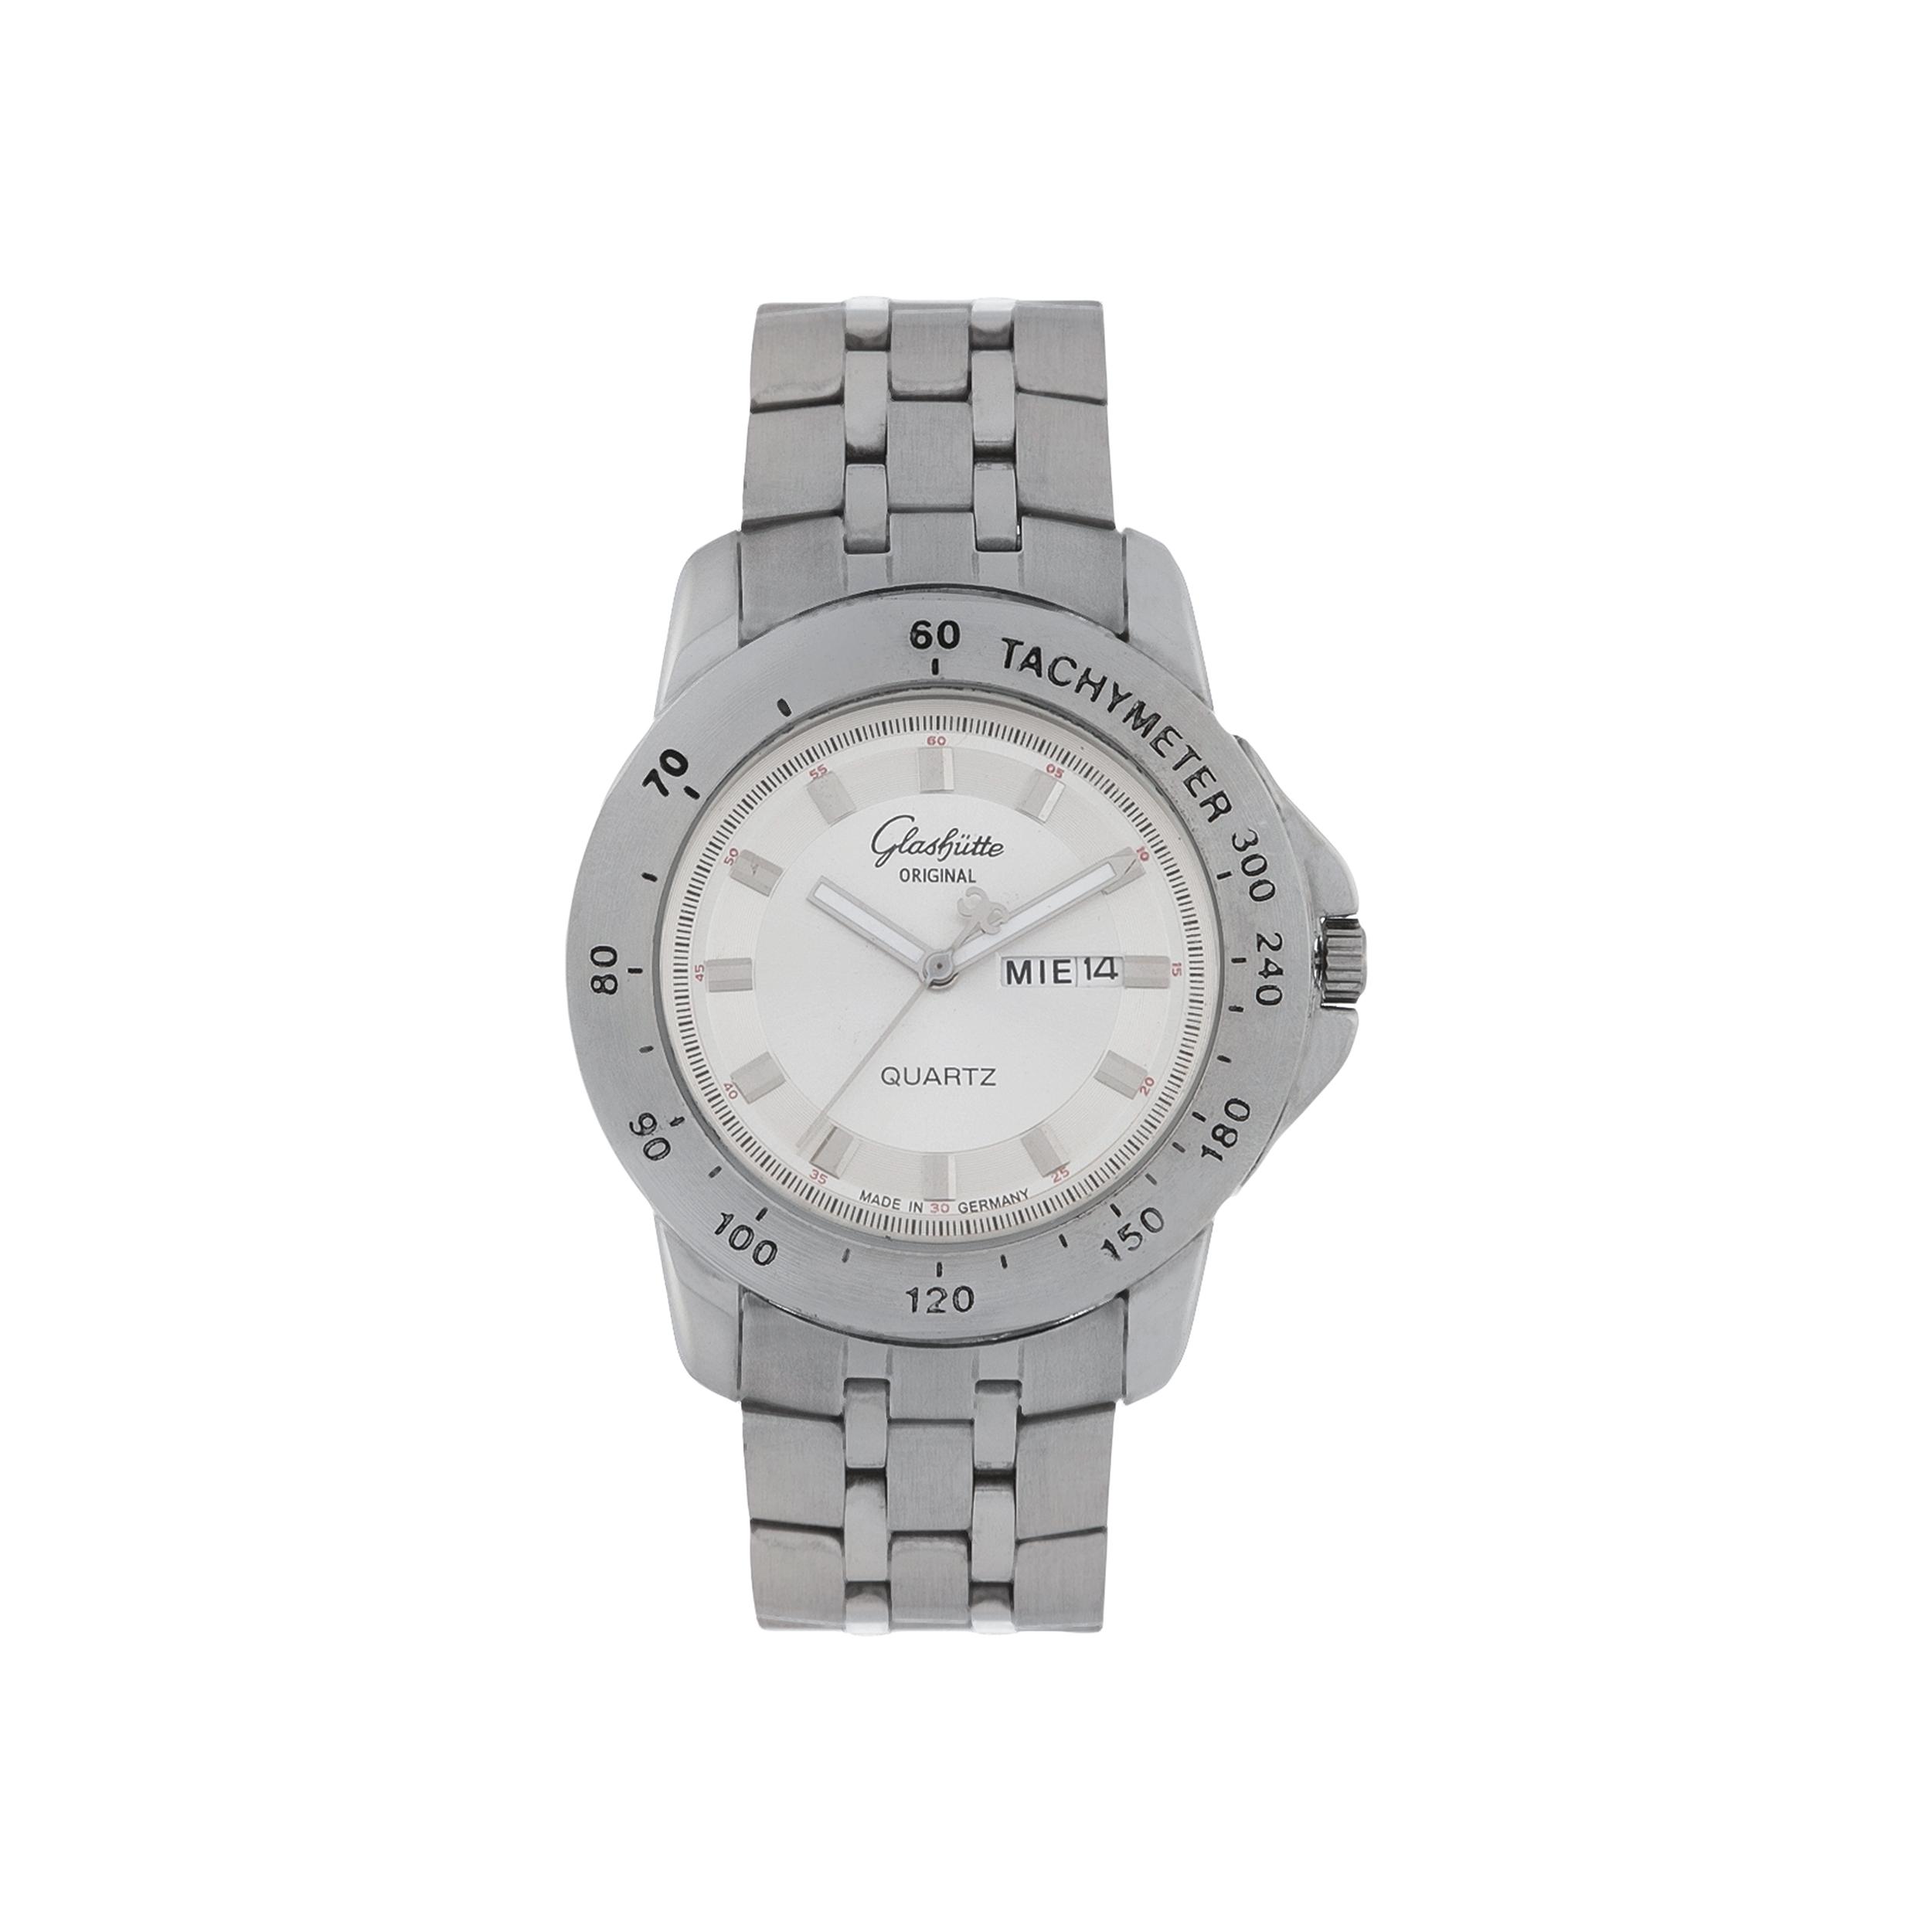 ساعت مچی عقربه ای مردانه گلاشوت مدل X18              خرید (⭐️⭐️⭐️)